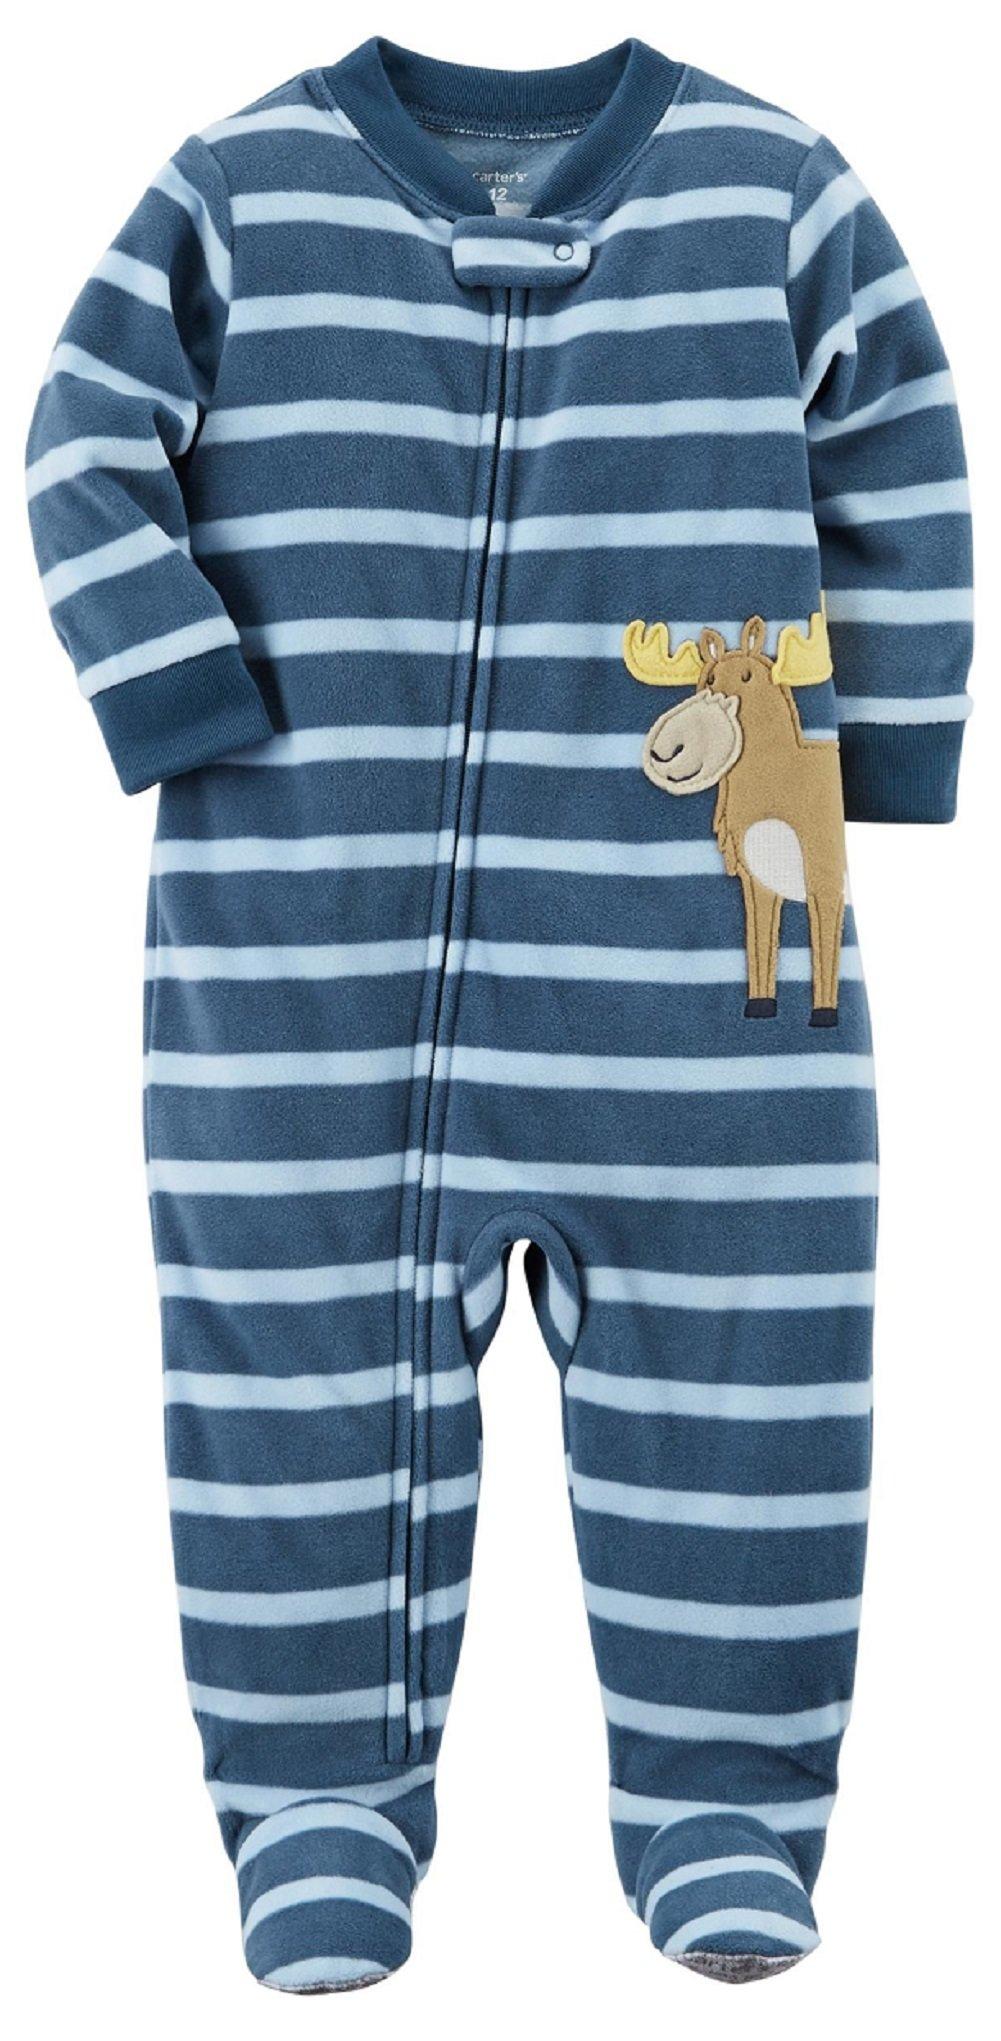 baby striped clothing s sleeper children sleepers blanket piece one pin sleep boy underwear